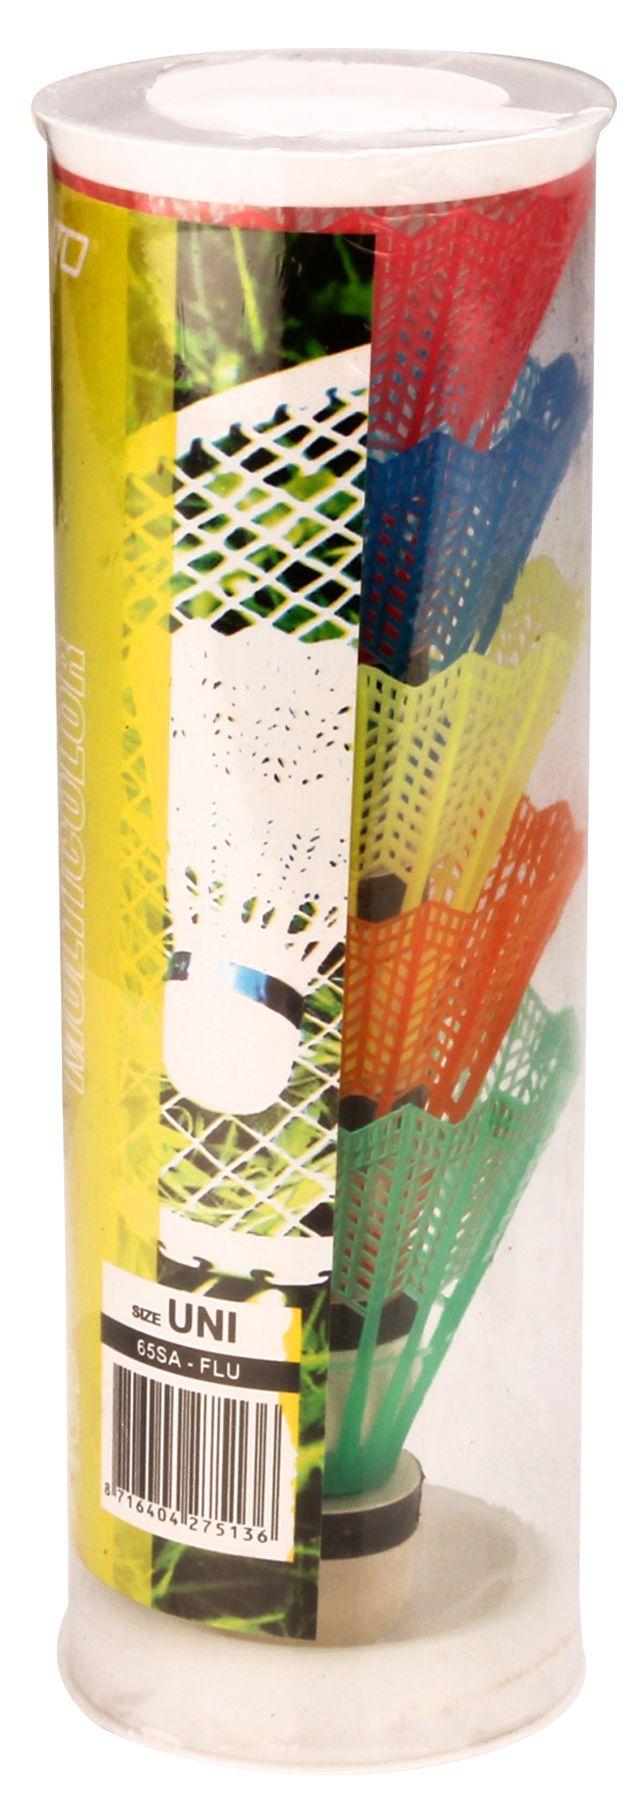 Badminton Shuttles in Koker • Multi-kleur • 5 Stuks •